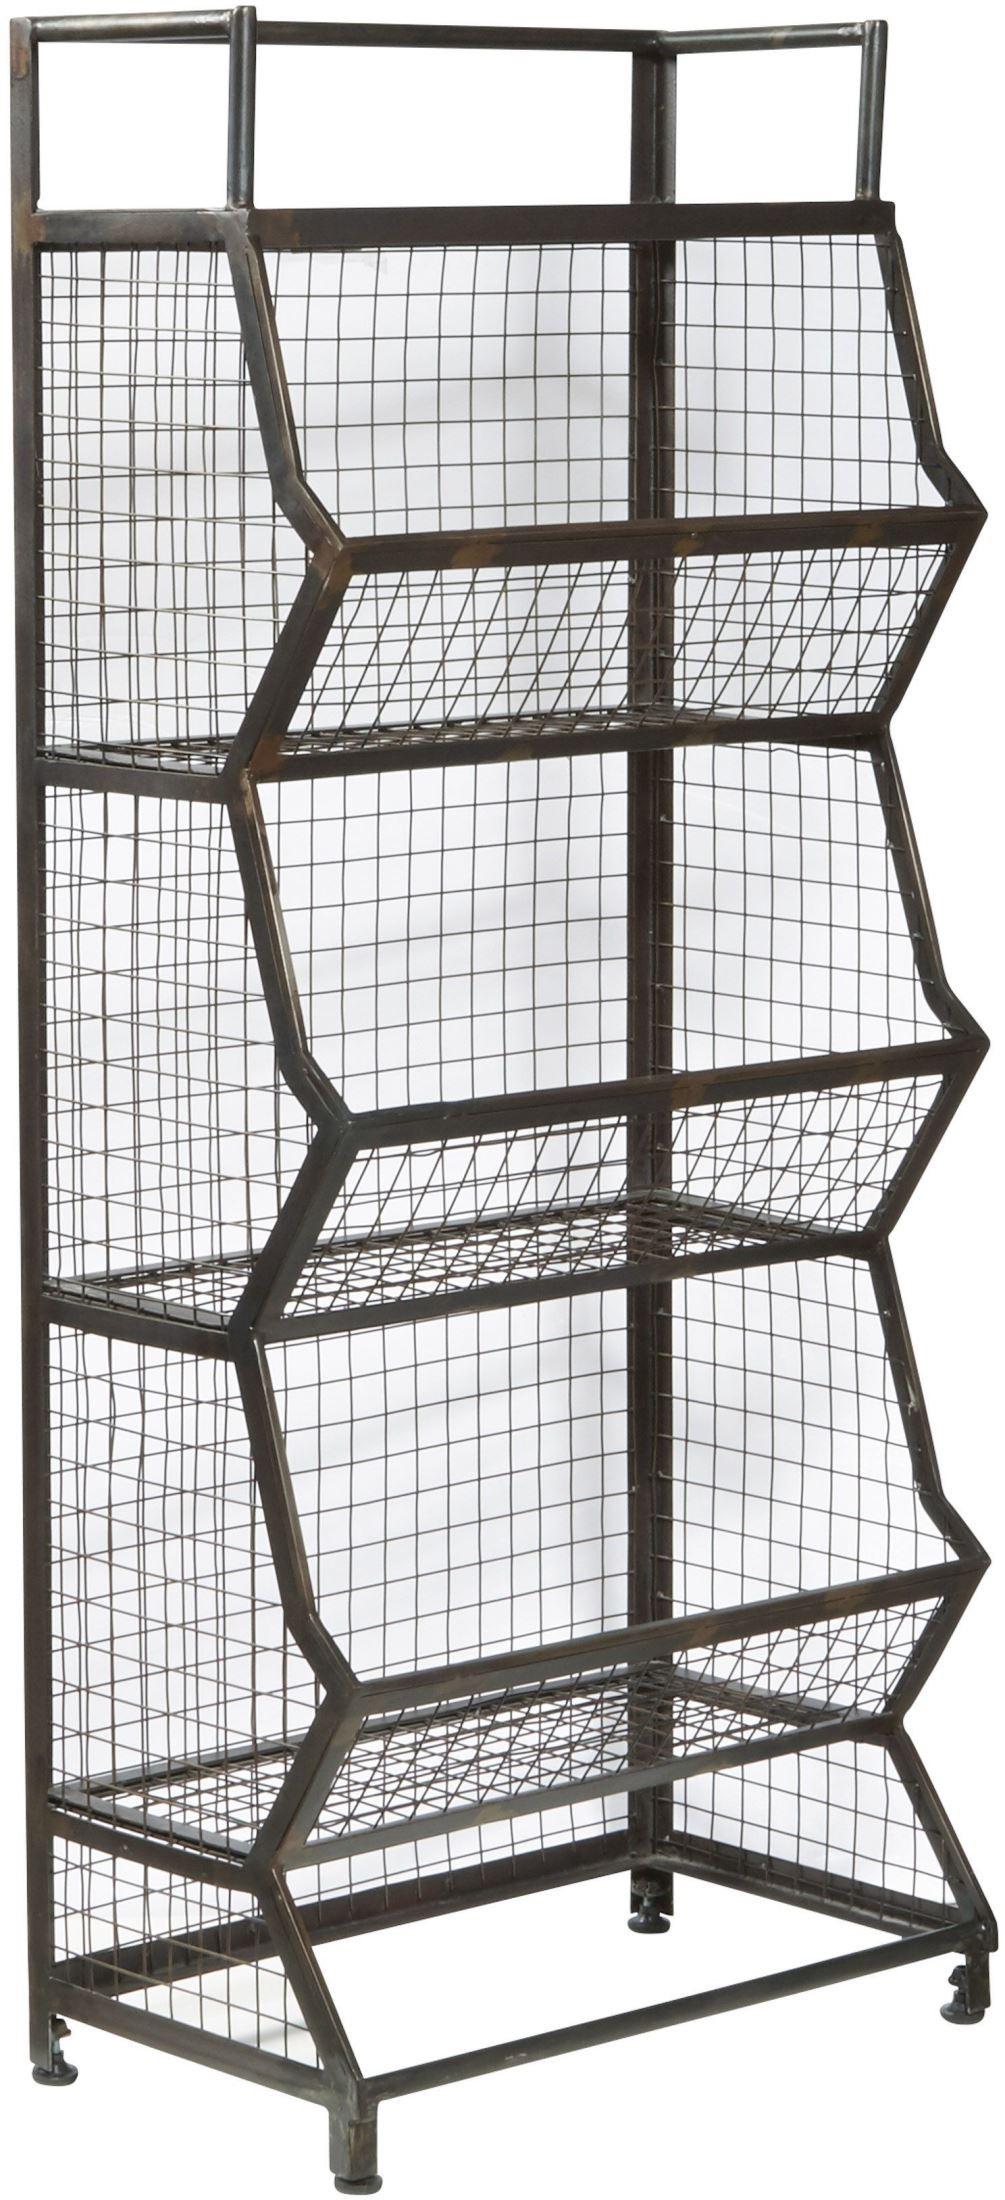 clendon metal bin etagere from pulaski coleman furniture. Black Bedroom Furniture Sets. Home Design Ideas